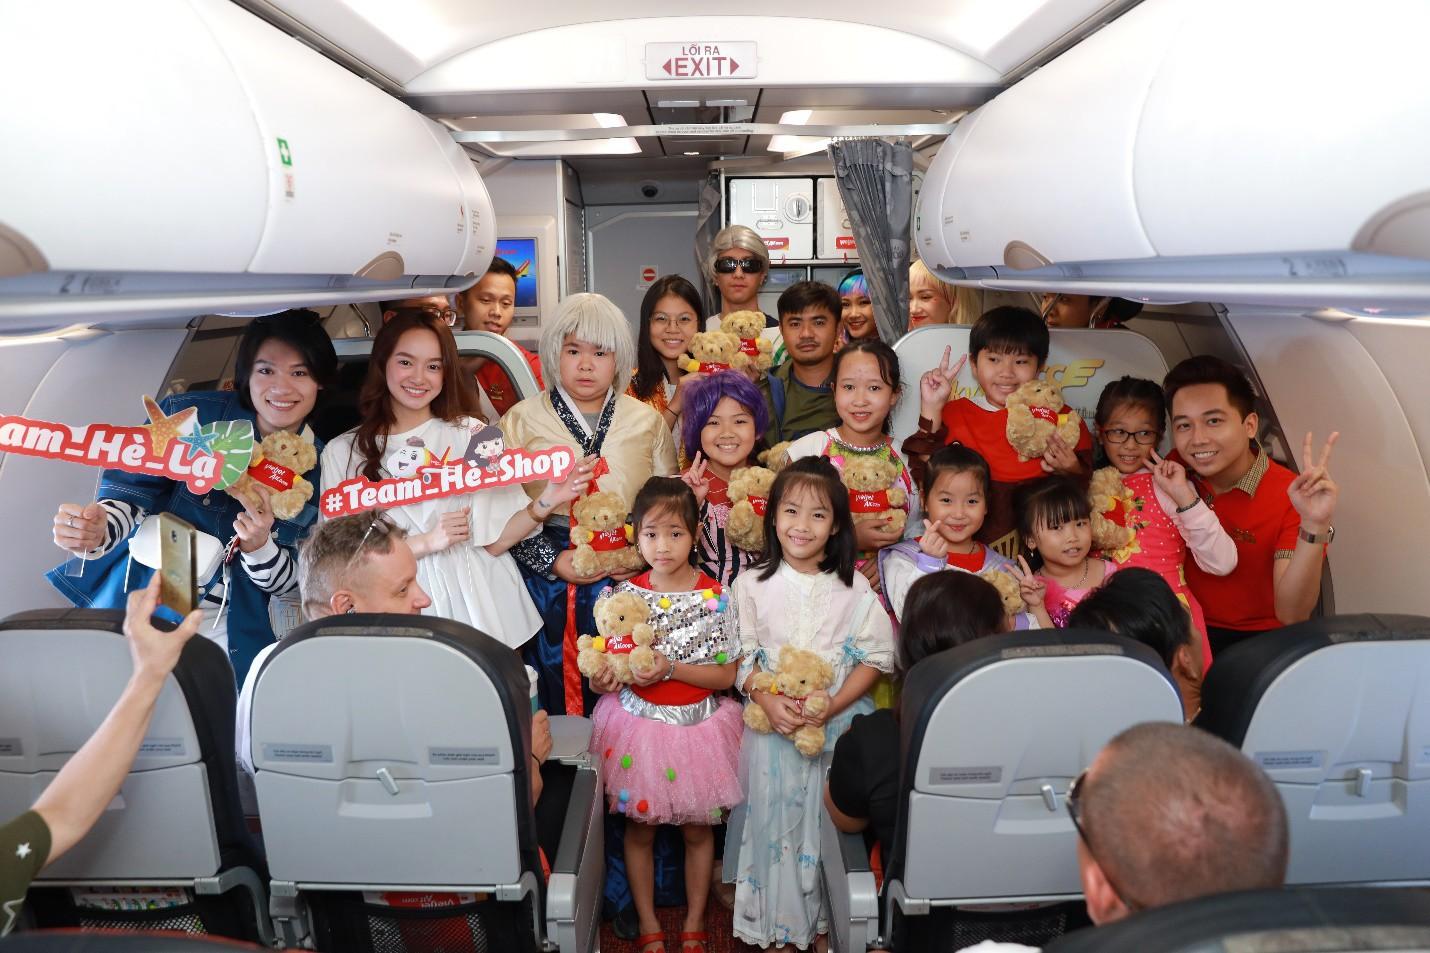 """Vietjet cùng cô bé máy bay Amy truyền cảm hứng cho hàng triệu người: """"Kết nối yêu thương - Xõa bung chất hè"""" - Ảnh 1."""